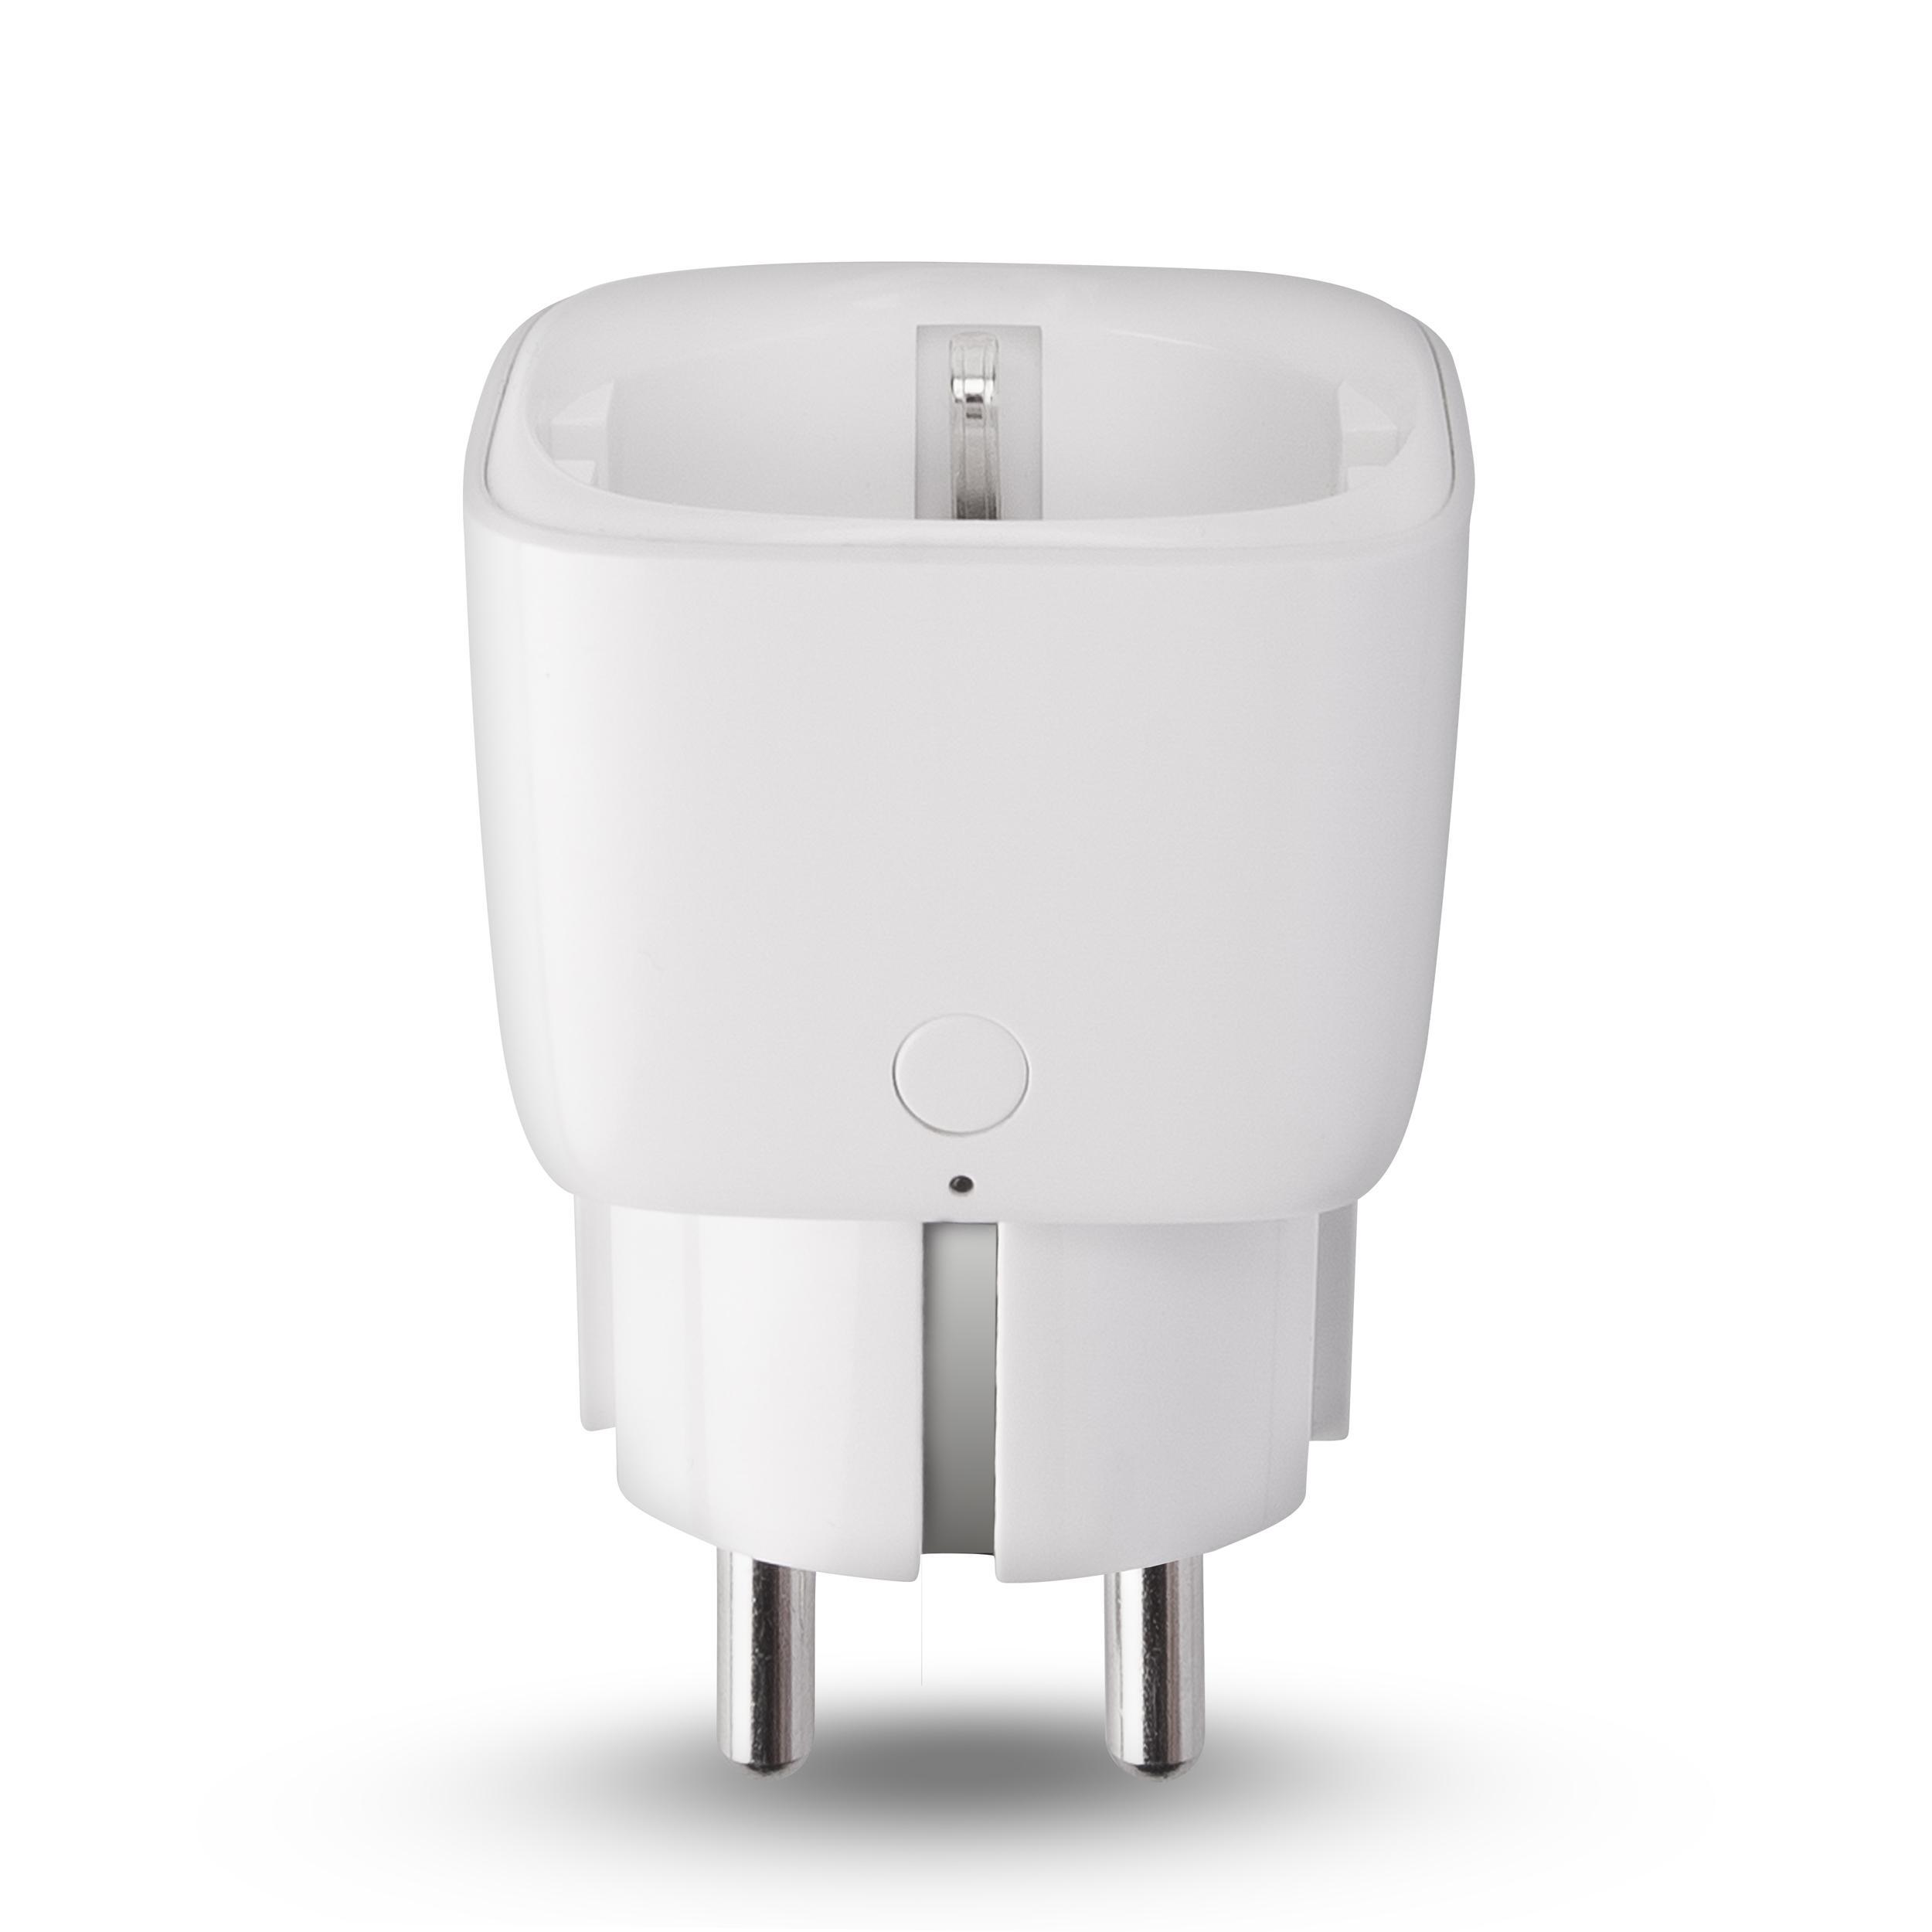 innr smartplug intelligente funkschalt steckdose sp120 philips hue und osram lightify kompatibel. Black Bedroom Furniture Sets. Home Design Ideas